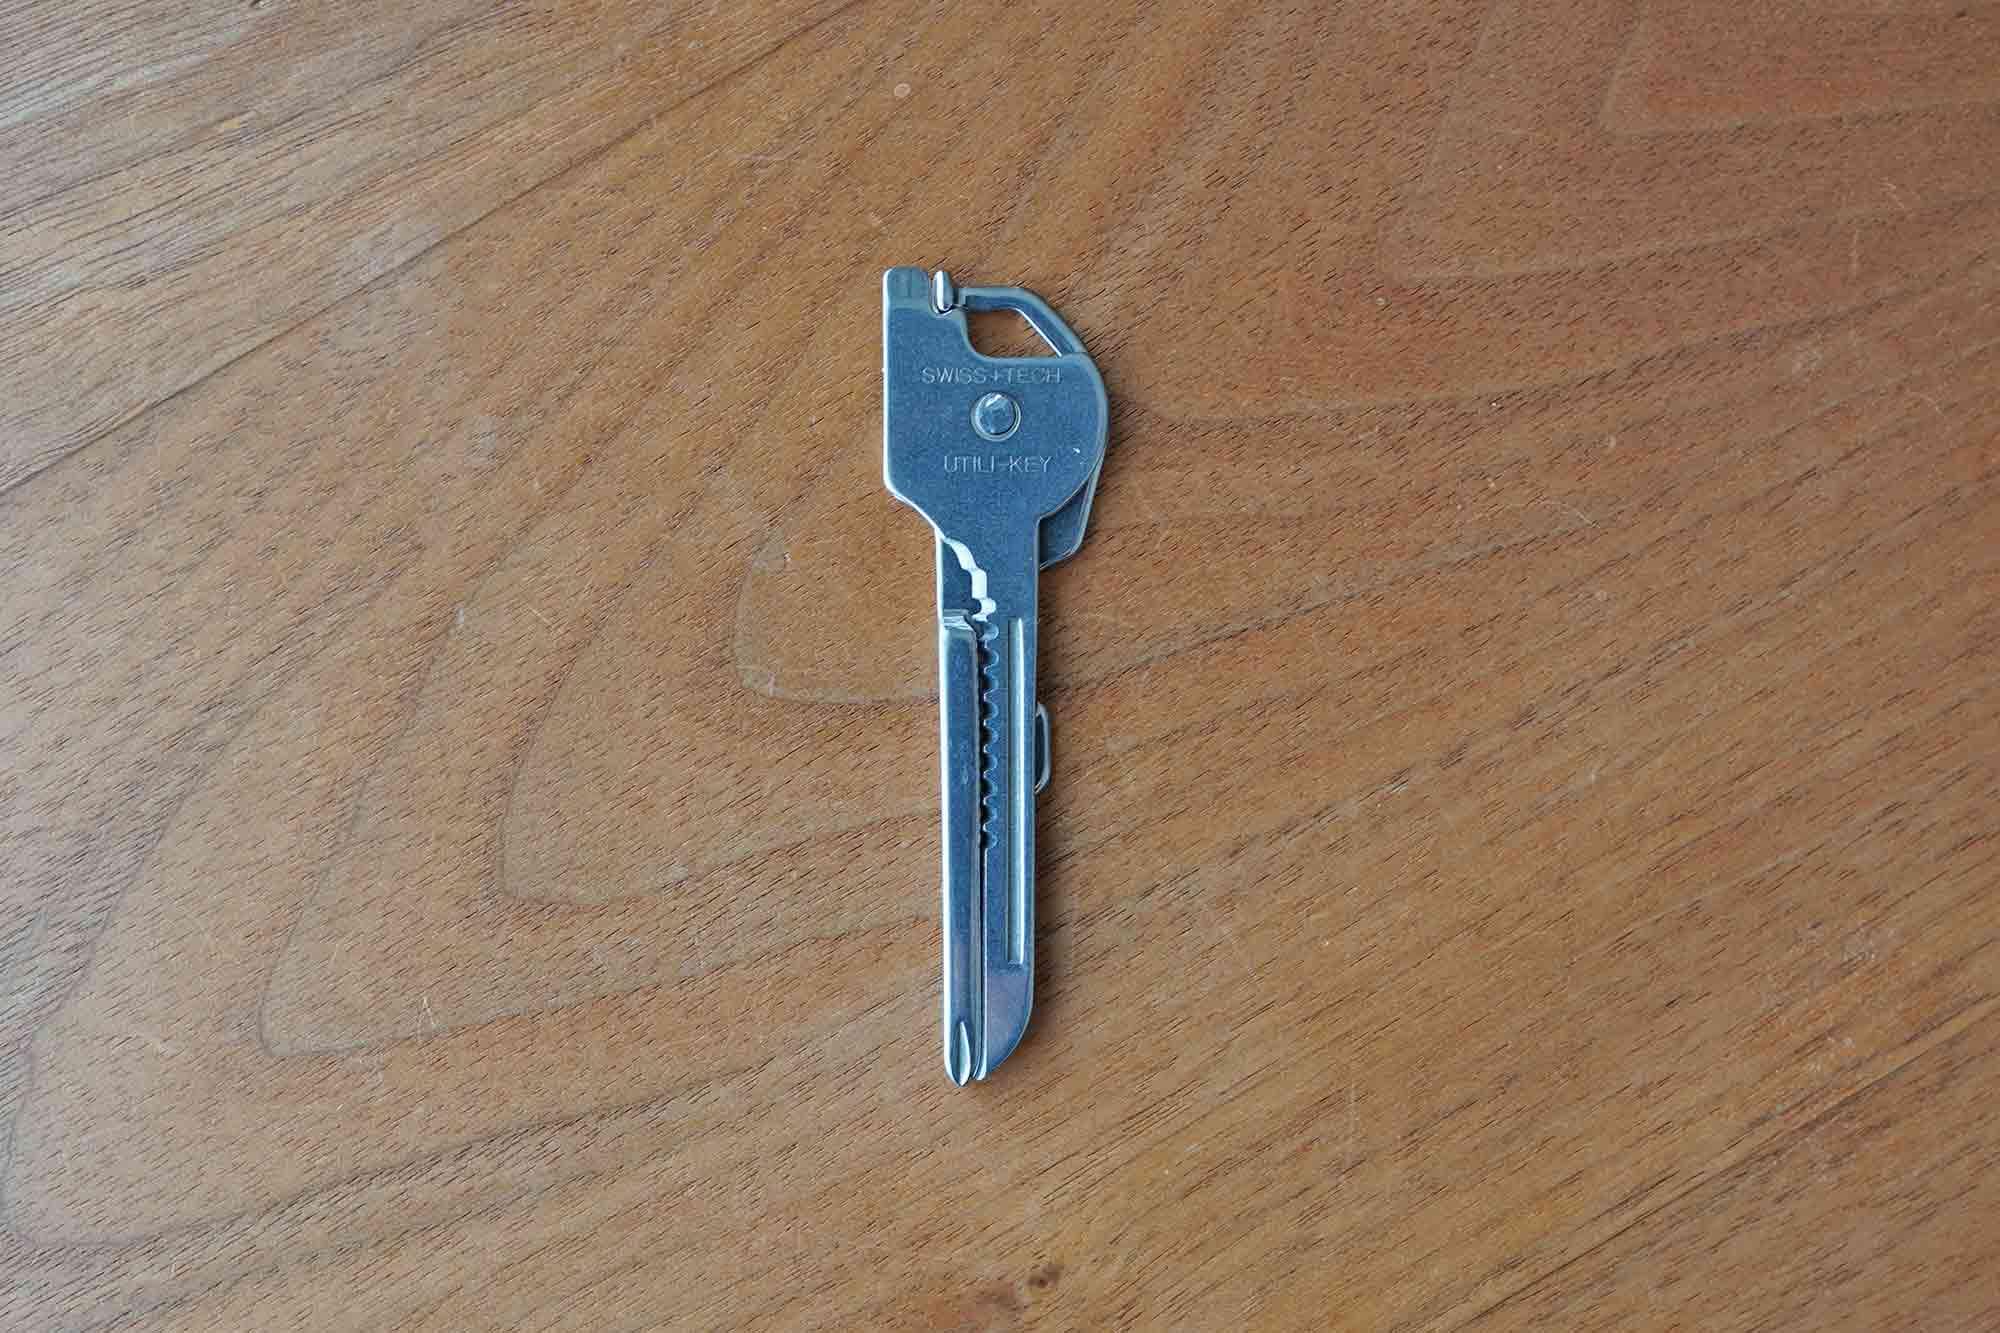 マルチツール,鍵,ドライバー,栓抜き,キャンプ,便利,軽い,小さい